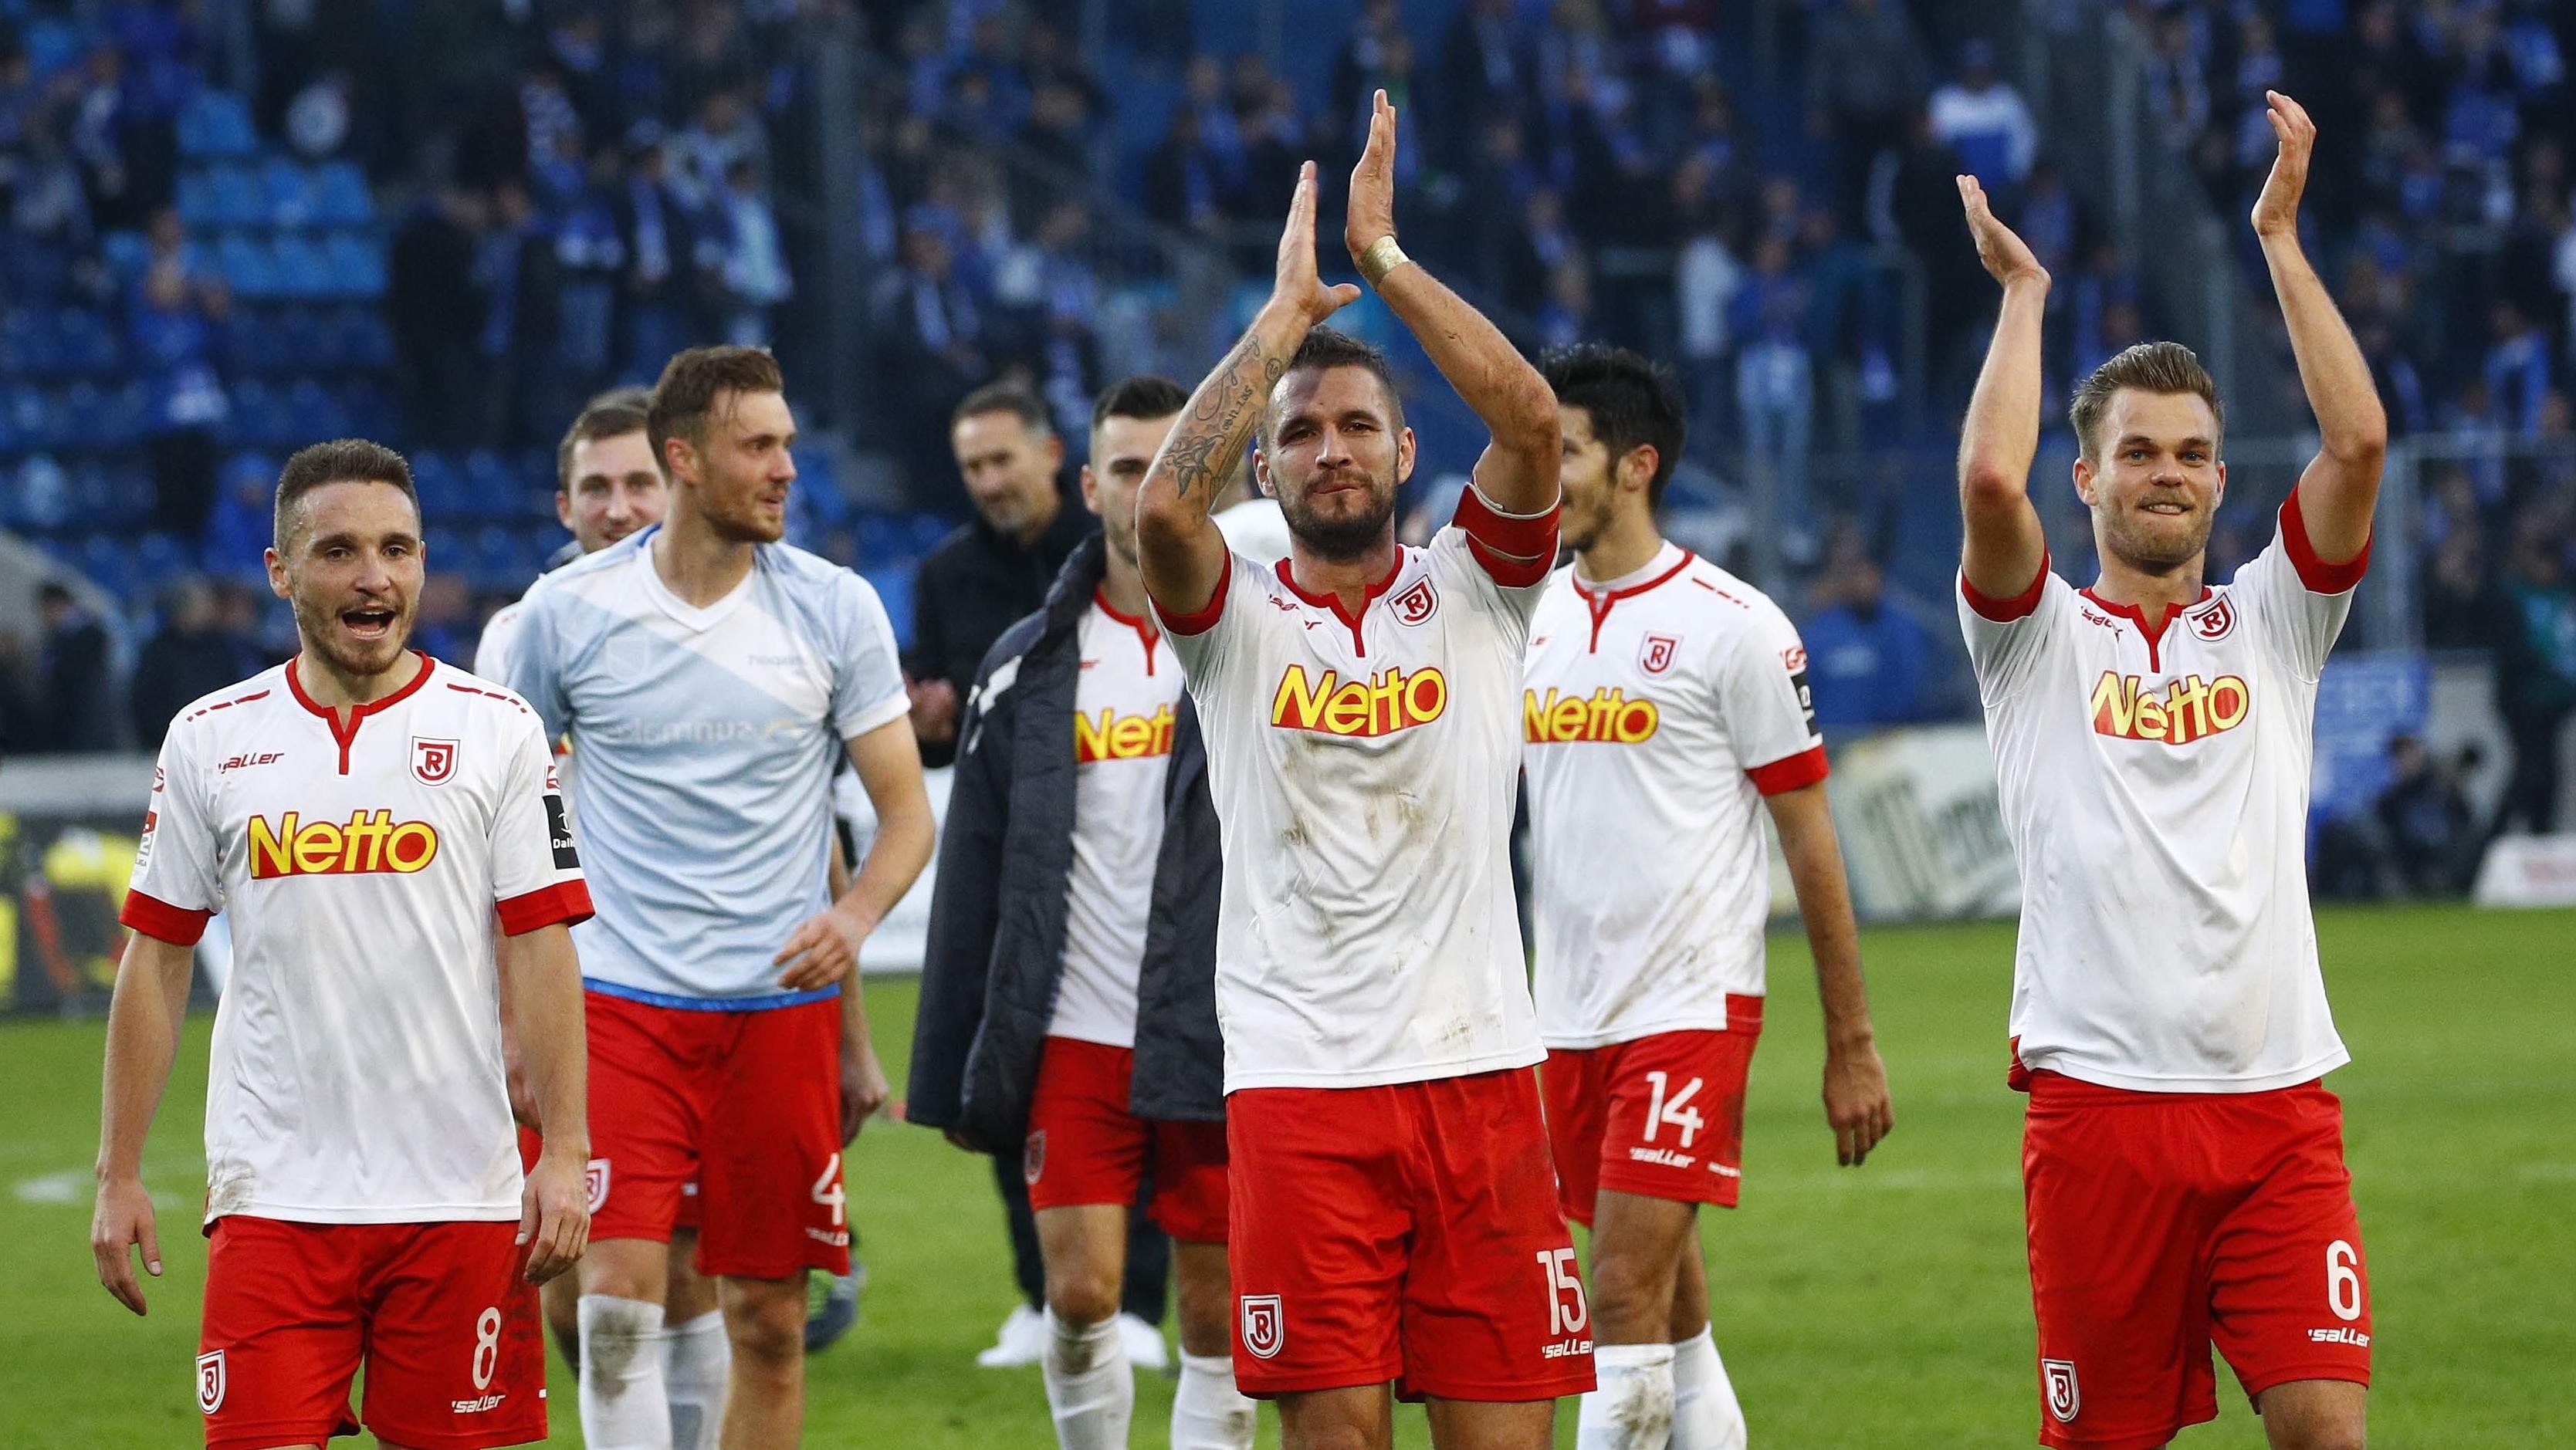 Spieler des SSV Jahn Regensburg